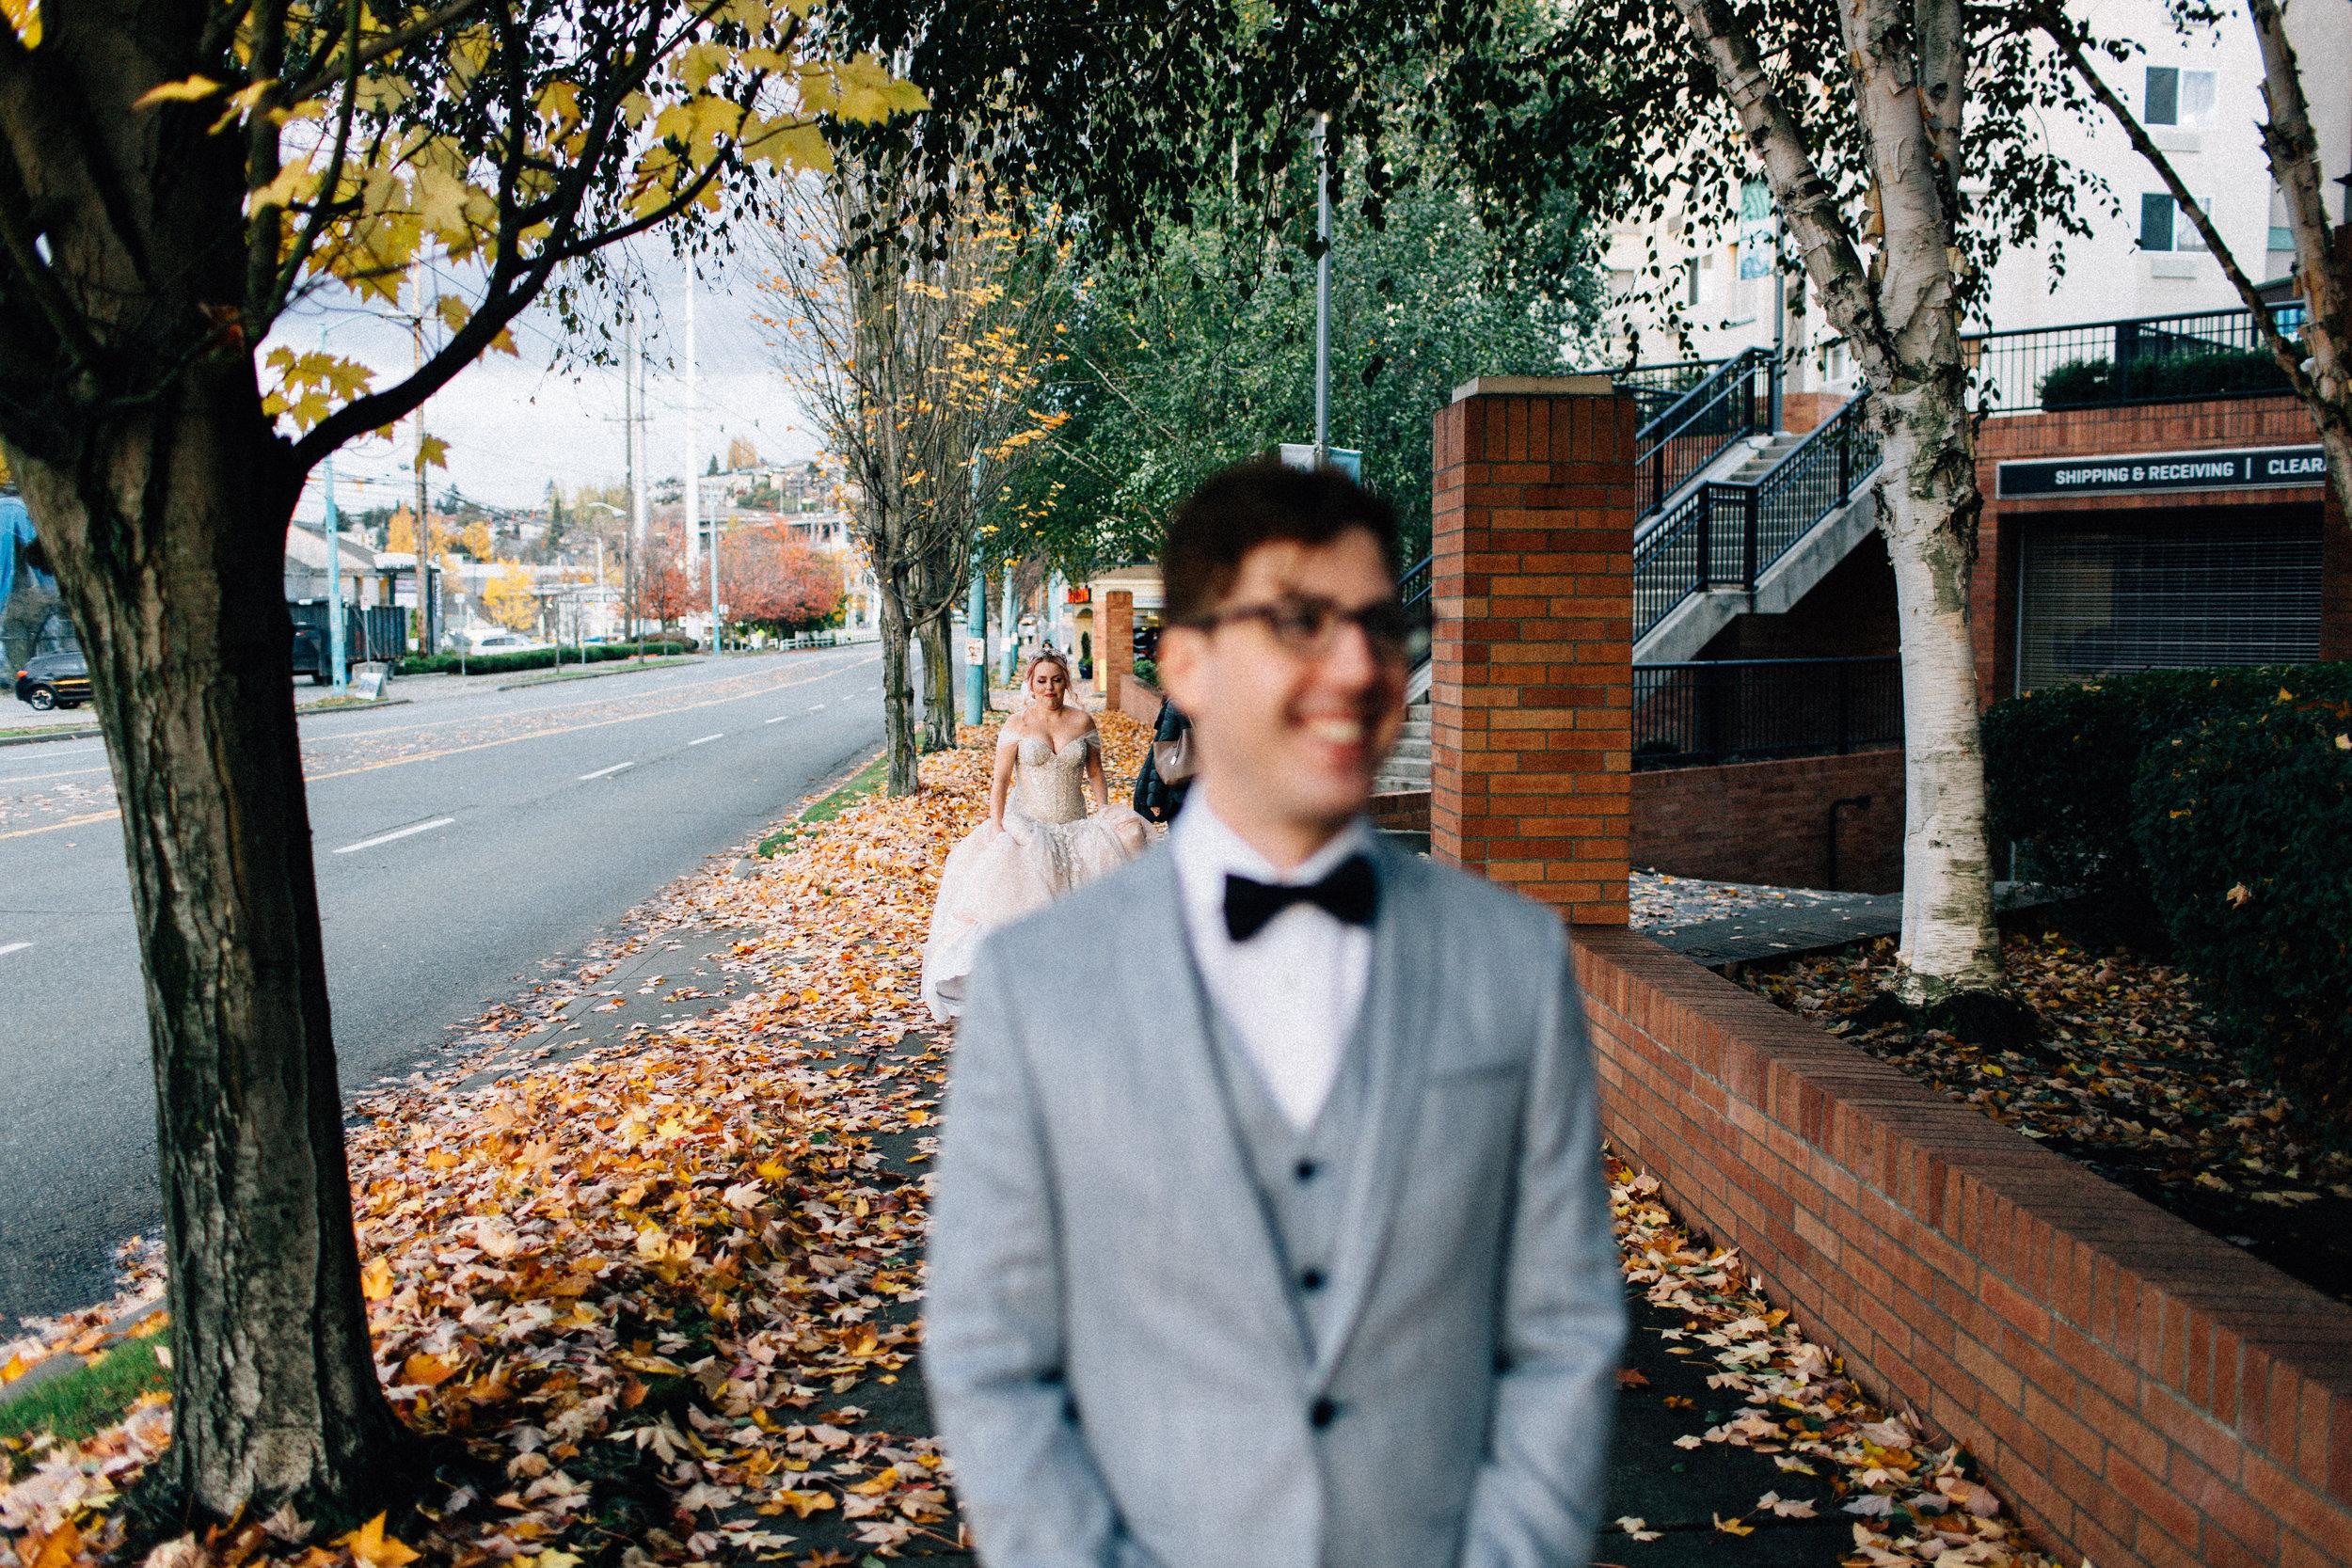 union cafe wedding seattle washington feminist photographer kendall shea night indoor ceremony reception